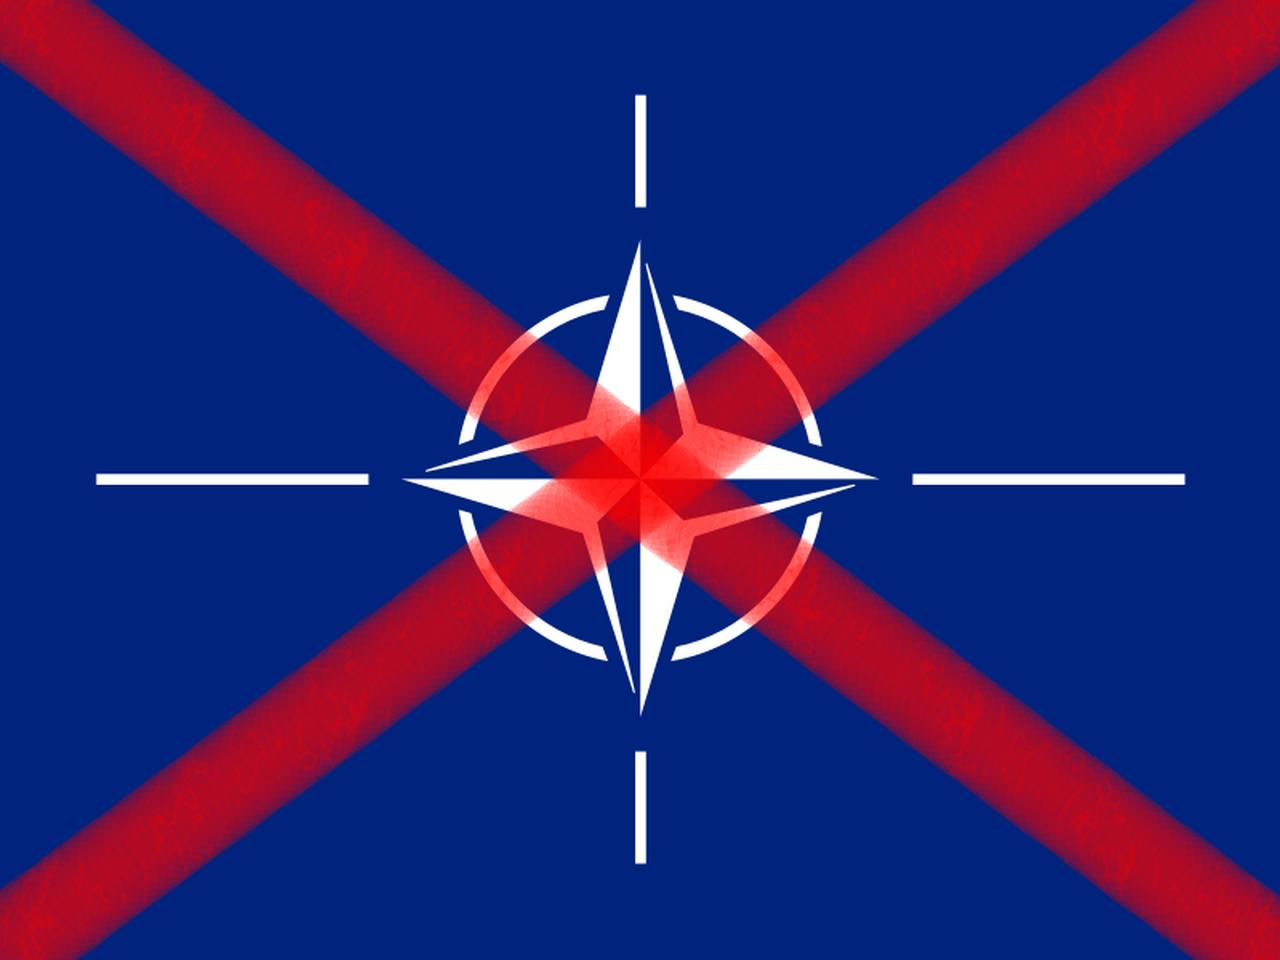 Существование НАТО больше не оправдано